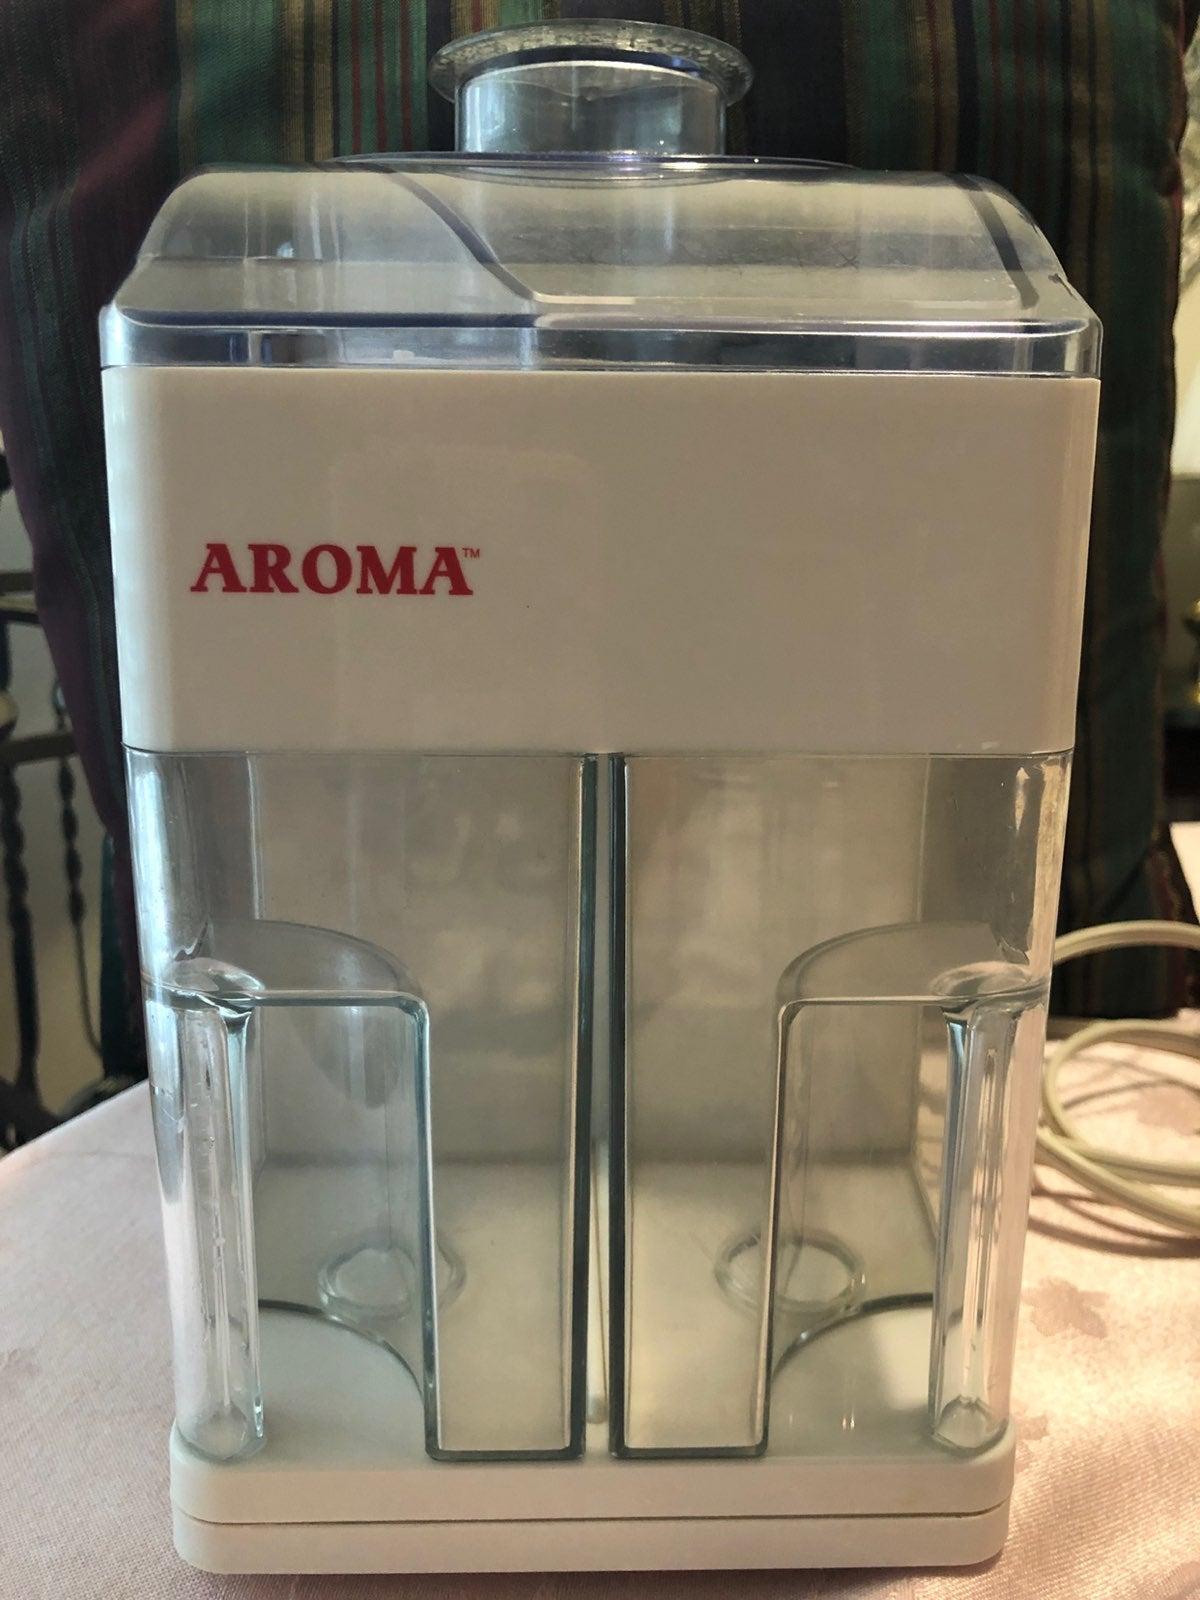 Aroma Juice Extractor